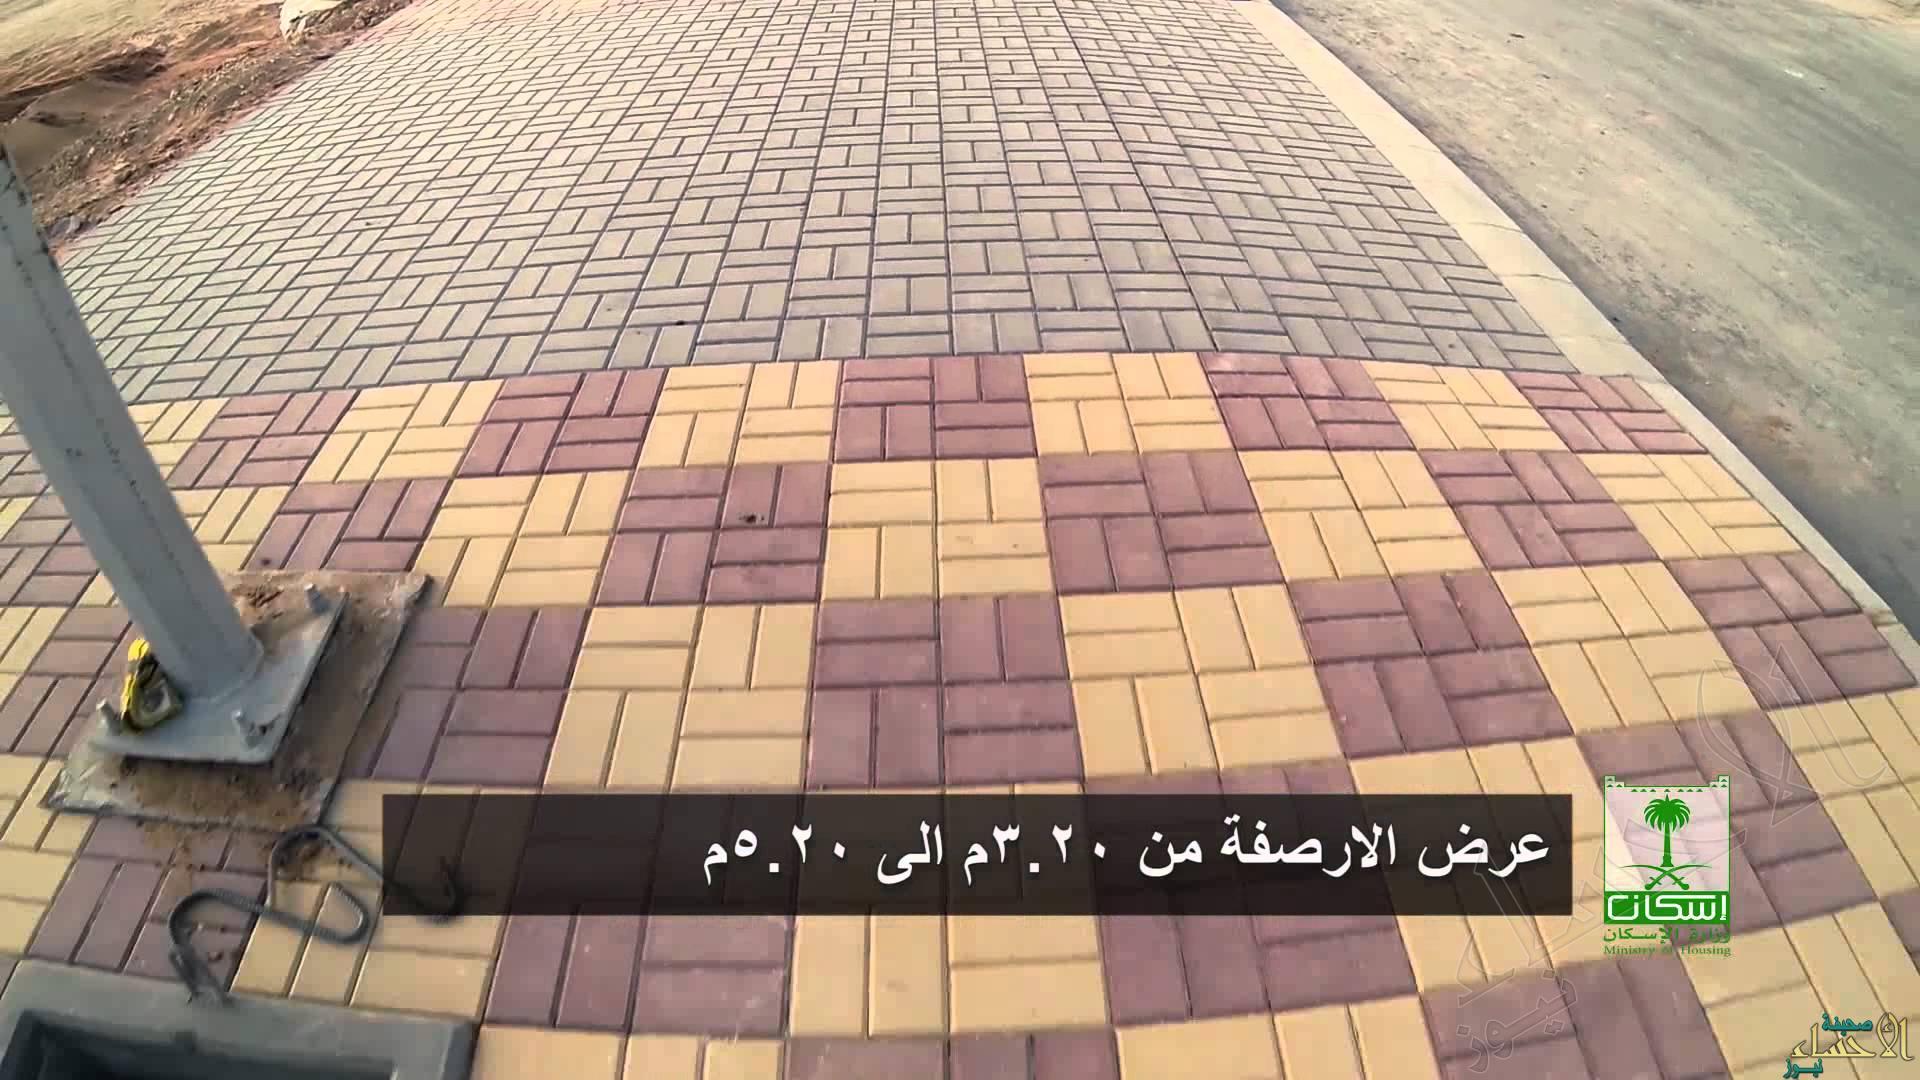 بالفيديو .. وزارة الاسكان تنشر فيديو لمشروع اسكان الرياض